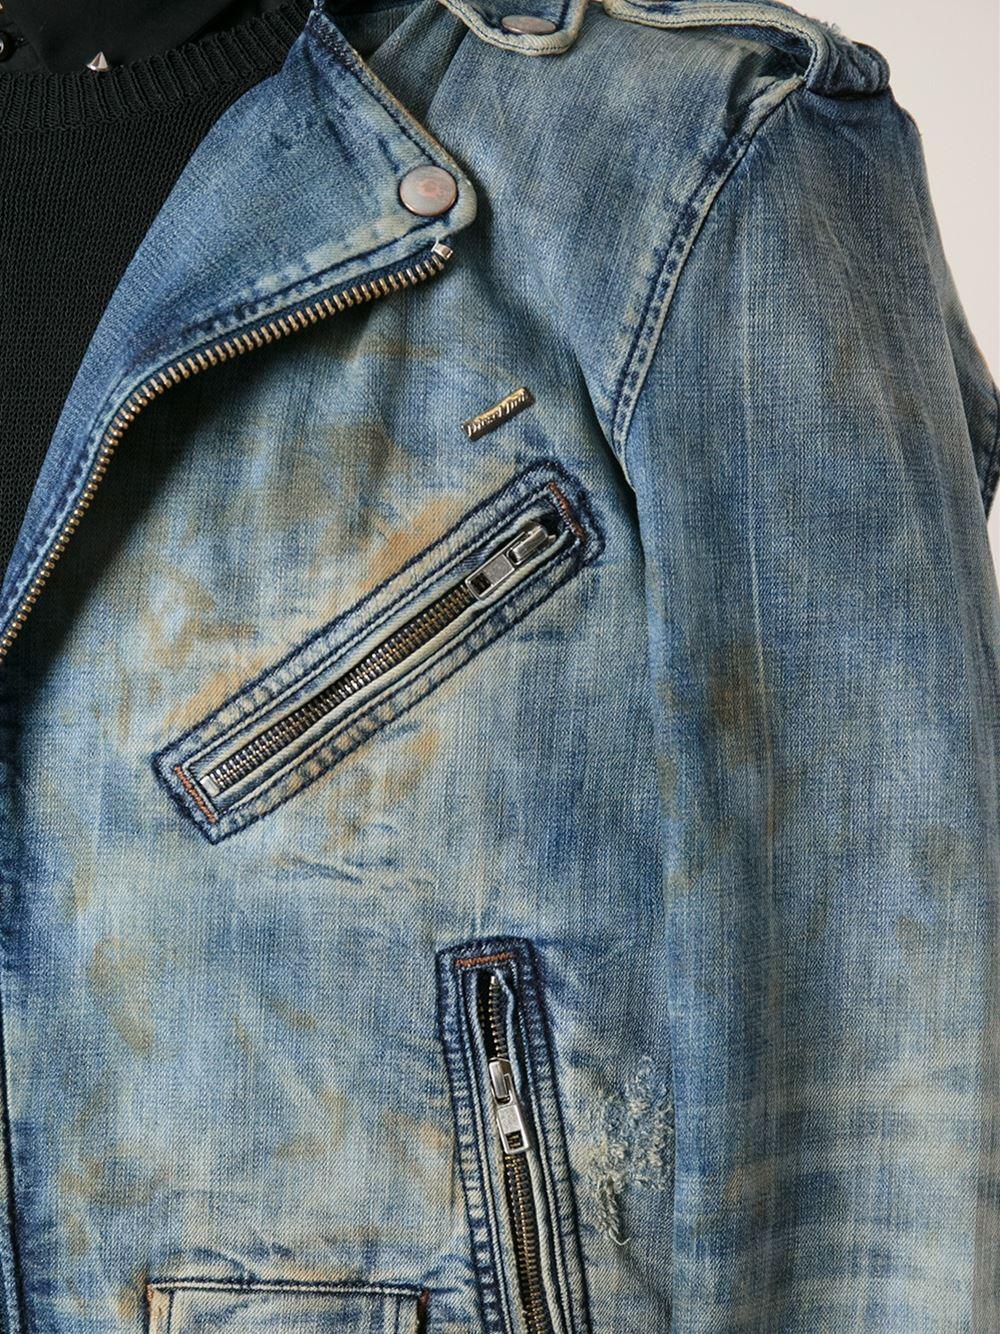 de4dbefbce66b Lyst - DIESEL Denim Jacket in Blue for Men